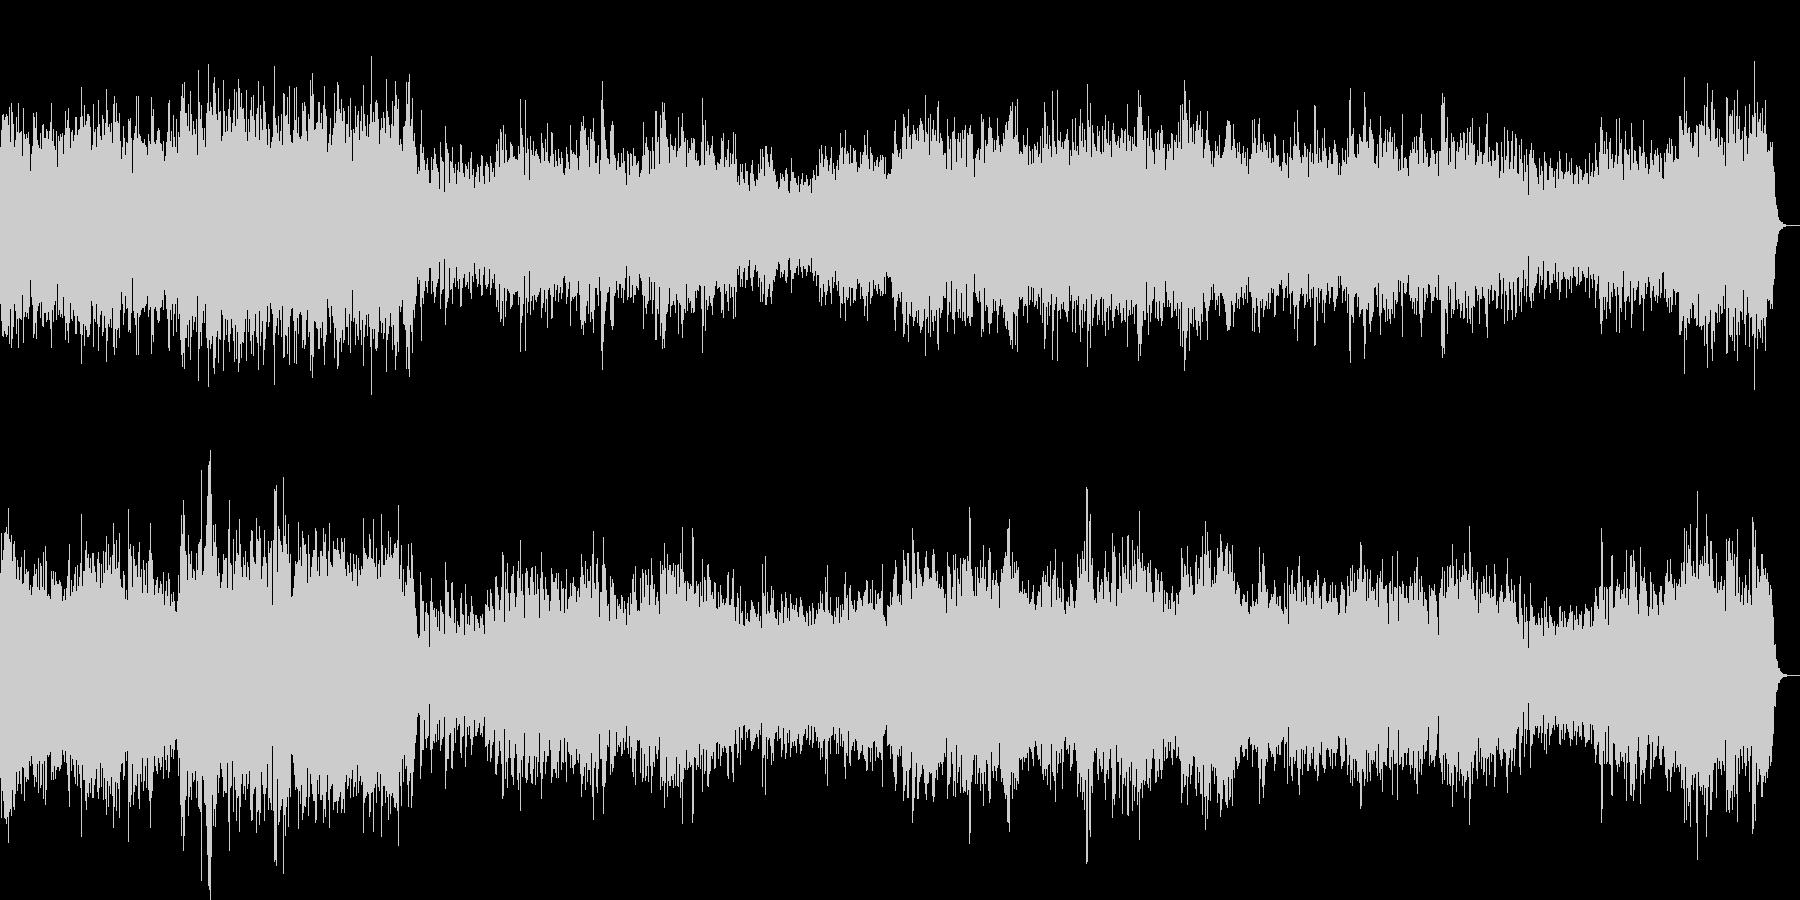 チェンバロの豪華な曲・1楽章(バッハ)の未再生の波形